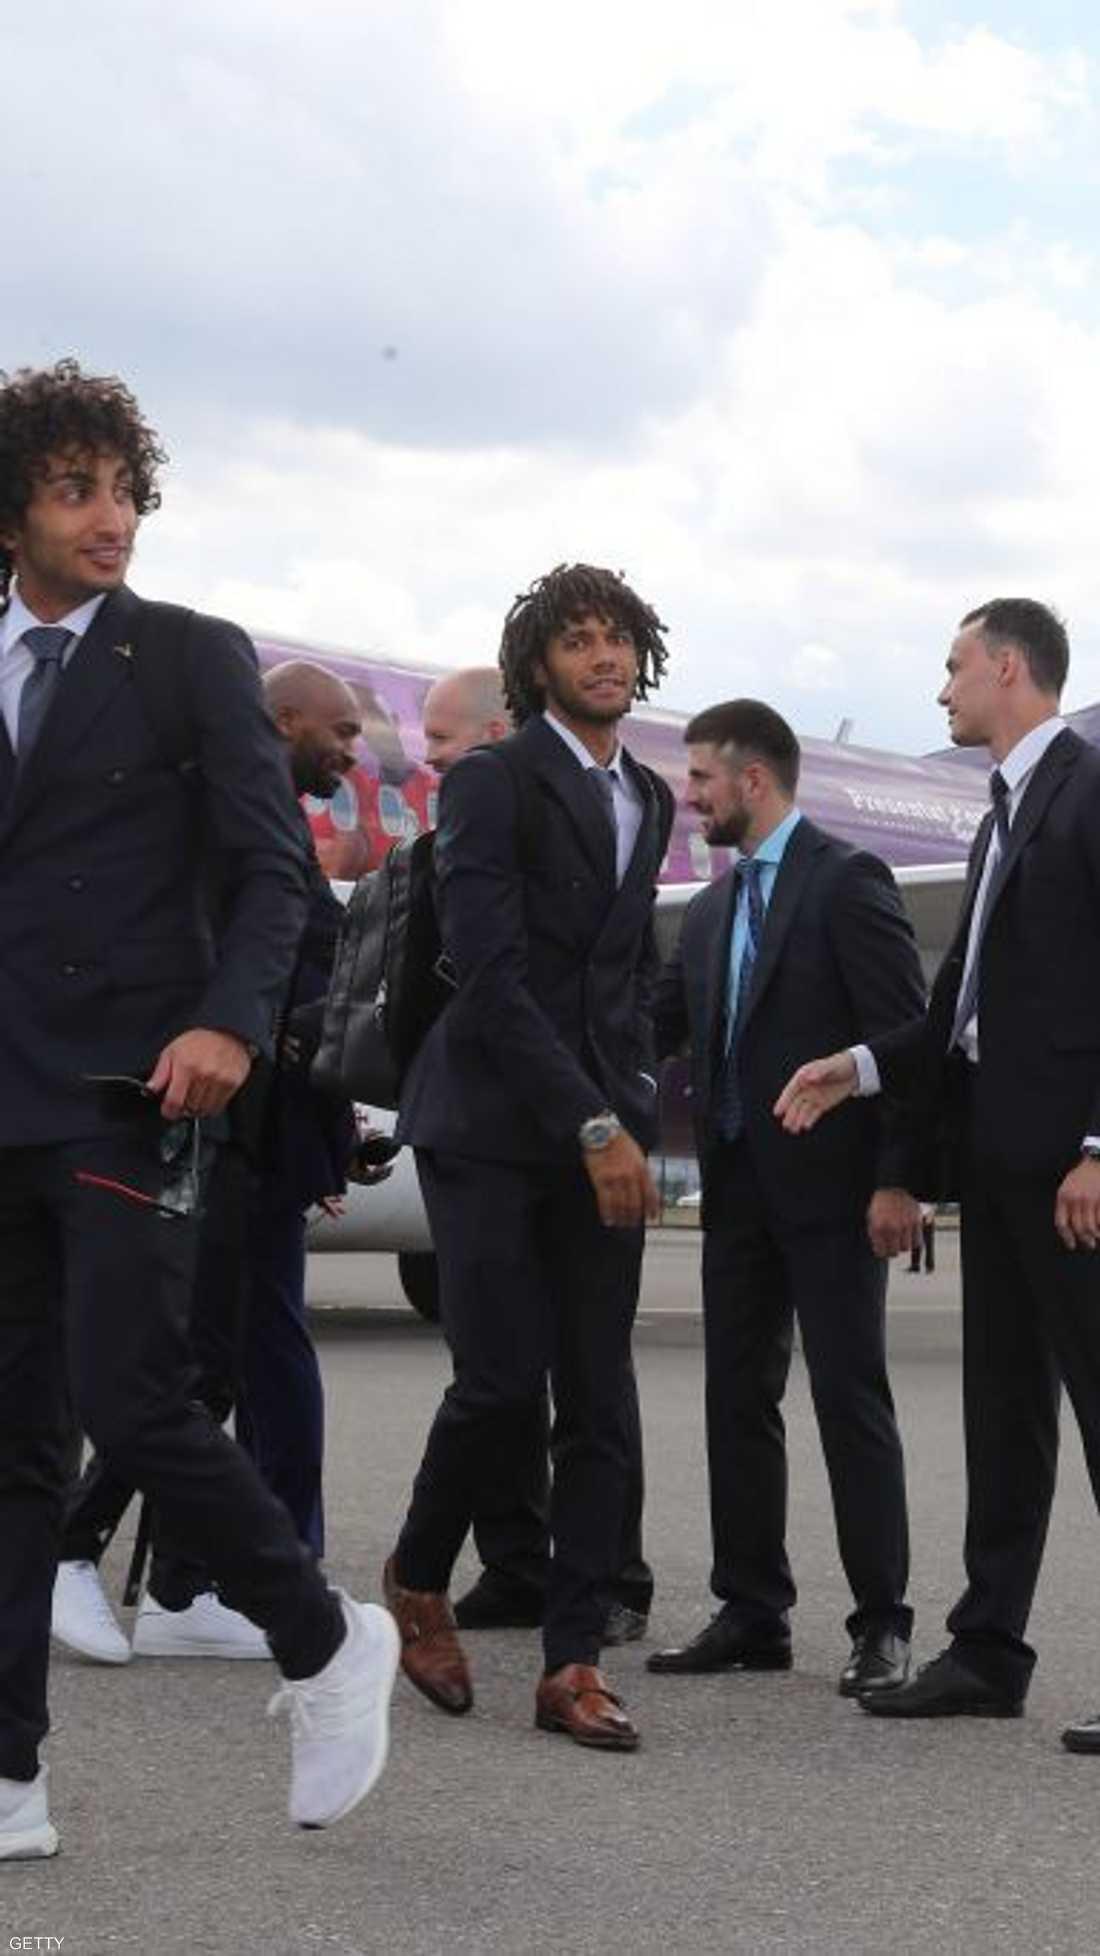 لاعبو منتخب مصر في مطار غروزني